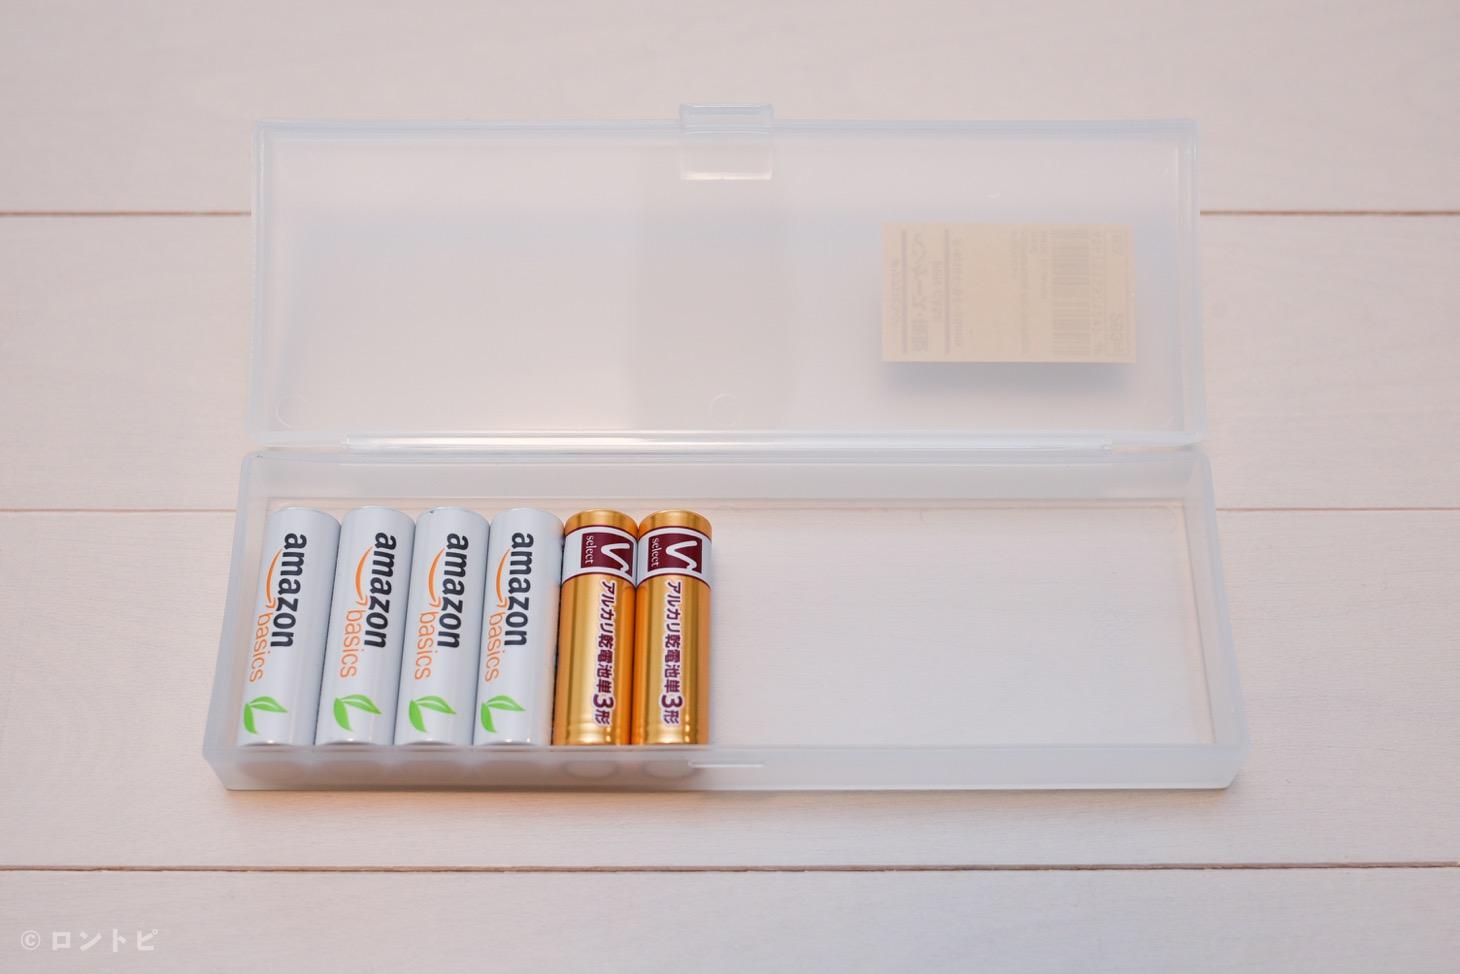 無印良品 ペンケース 乾電池